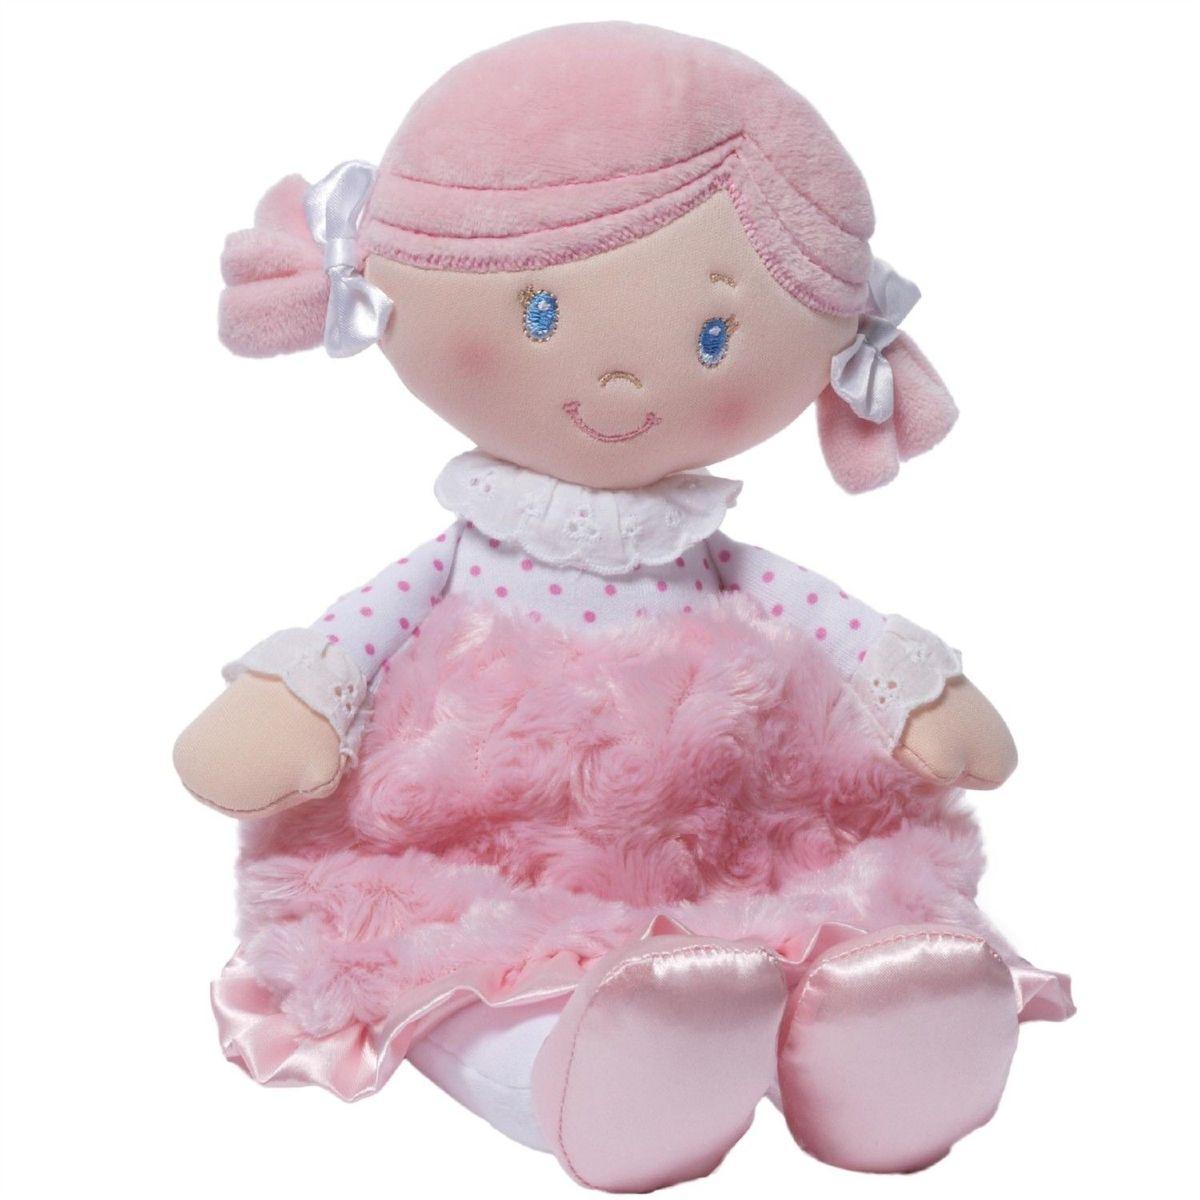 Gund Мягкая кукла Celia Doll